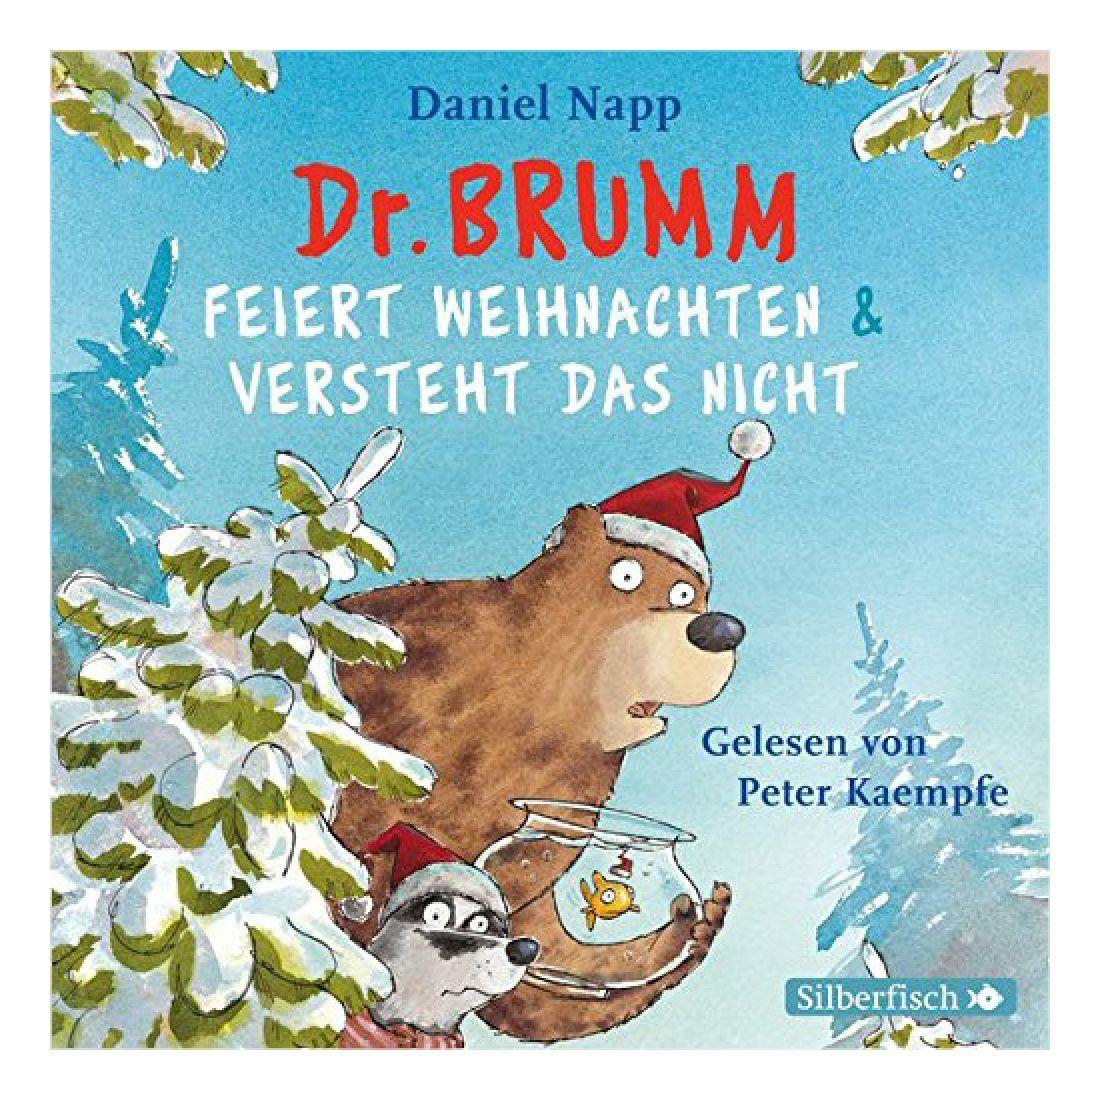 Hörbuch Weihnachten.Hörbuch Dr Brumm Feiert Weihnachten Dr Brumm Versteht Das Nicht 1 Cd